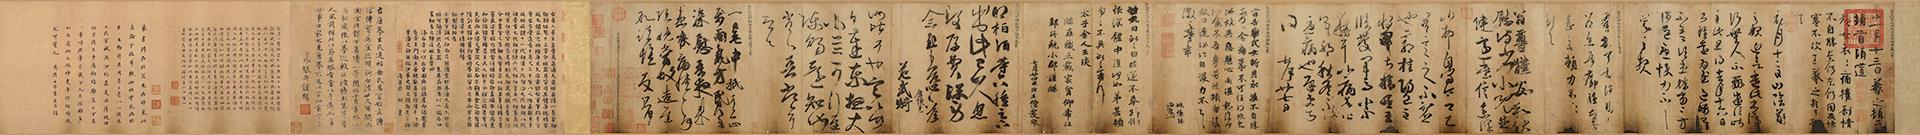 东晋 佚名 唐摹王羲之一门书翰(又称万岁通天帖)全卷纸本26.3x253.8辽博